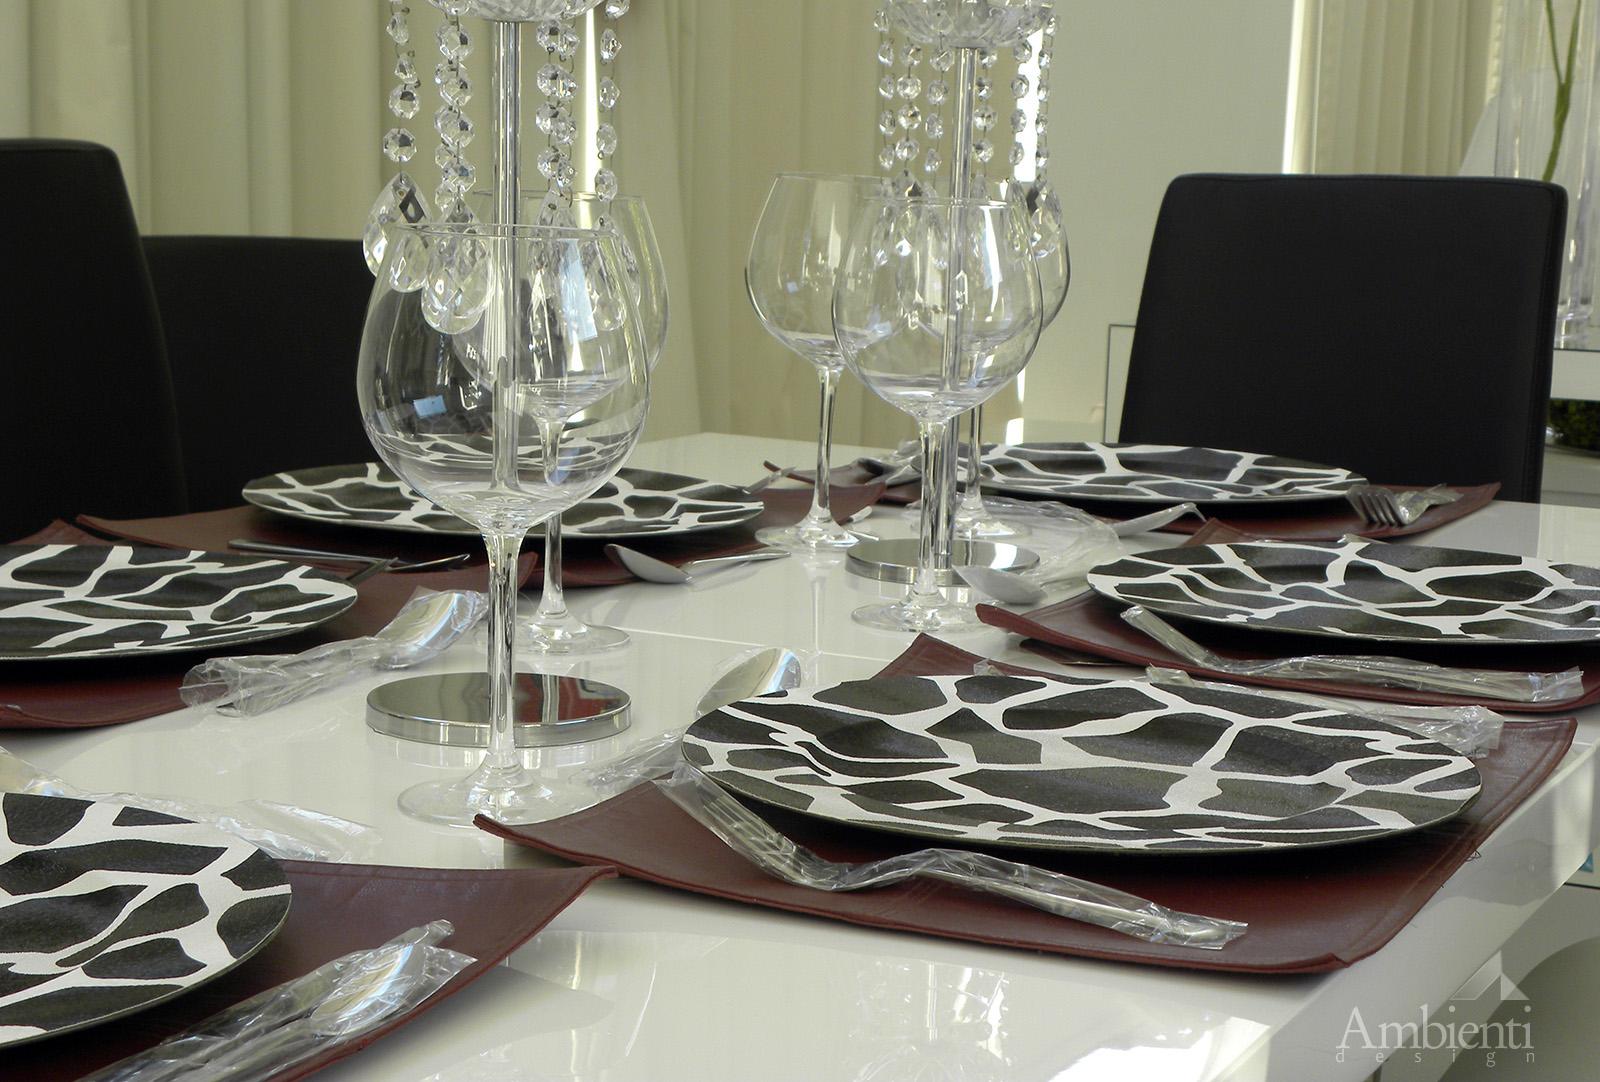 Ambienti Muebles Para Comedor En Punta Del Este # Champagne Muebles Uy